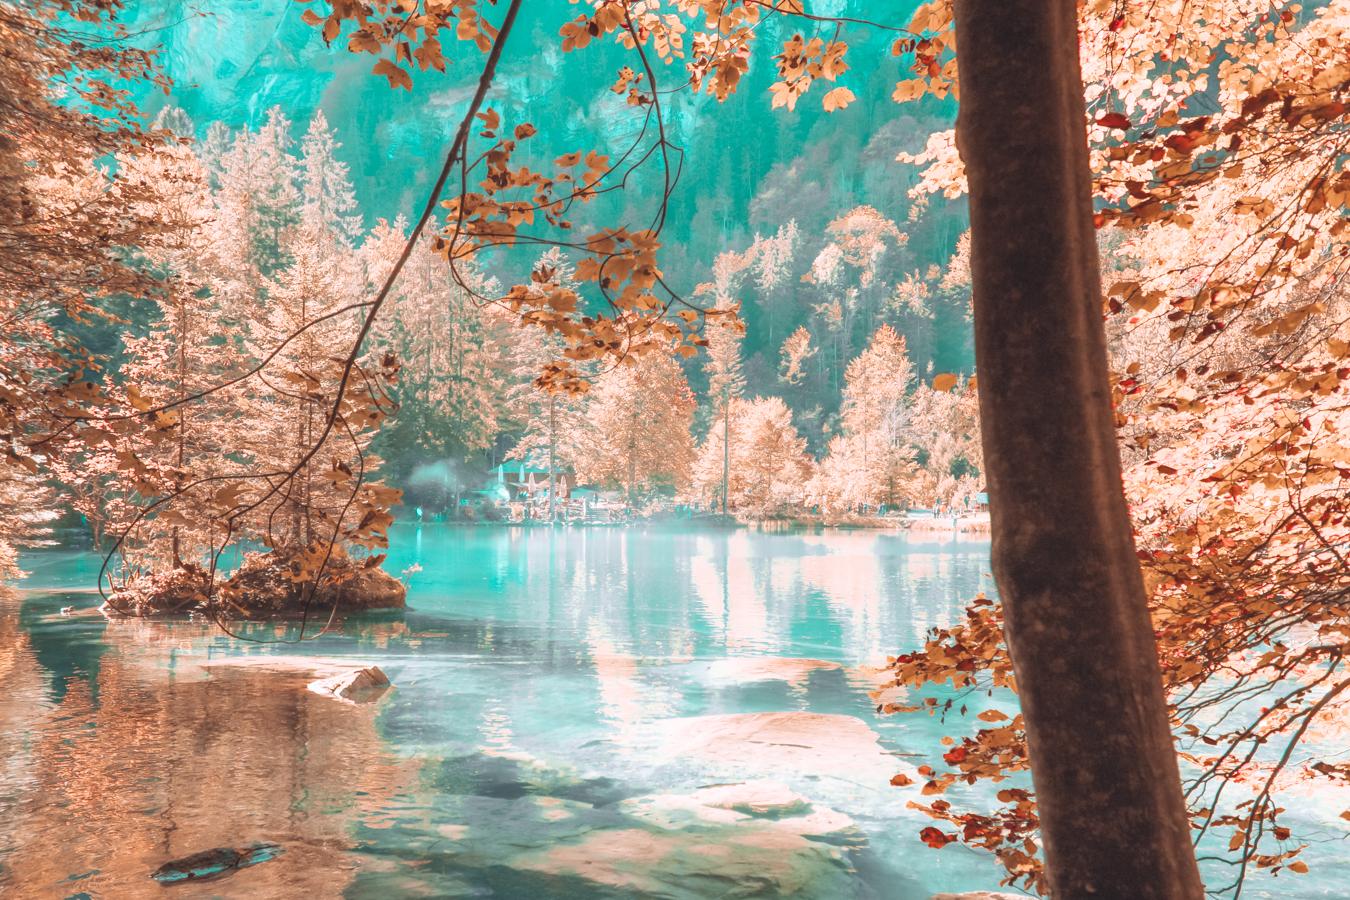 Blausee in Switzerland